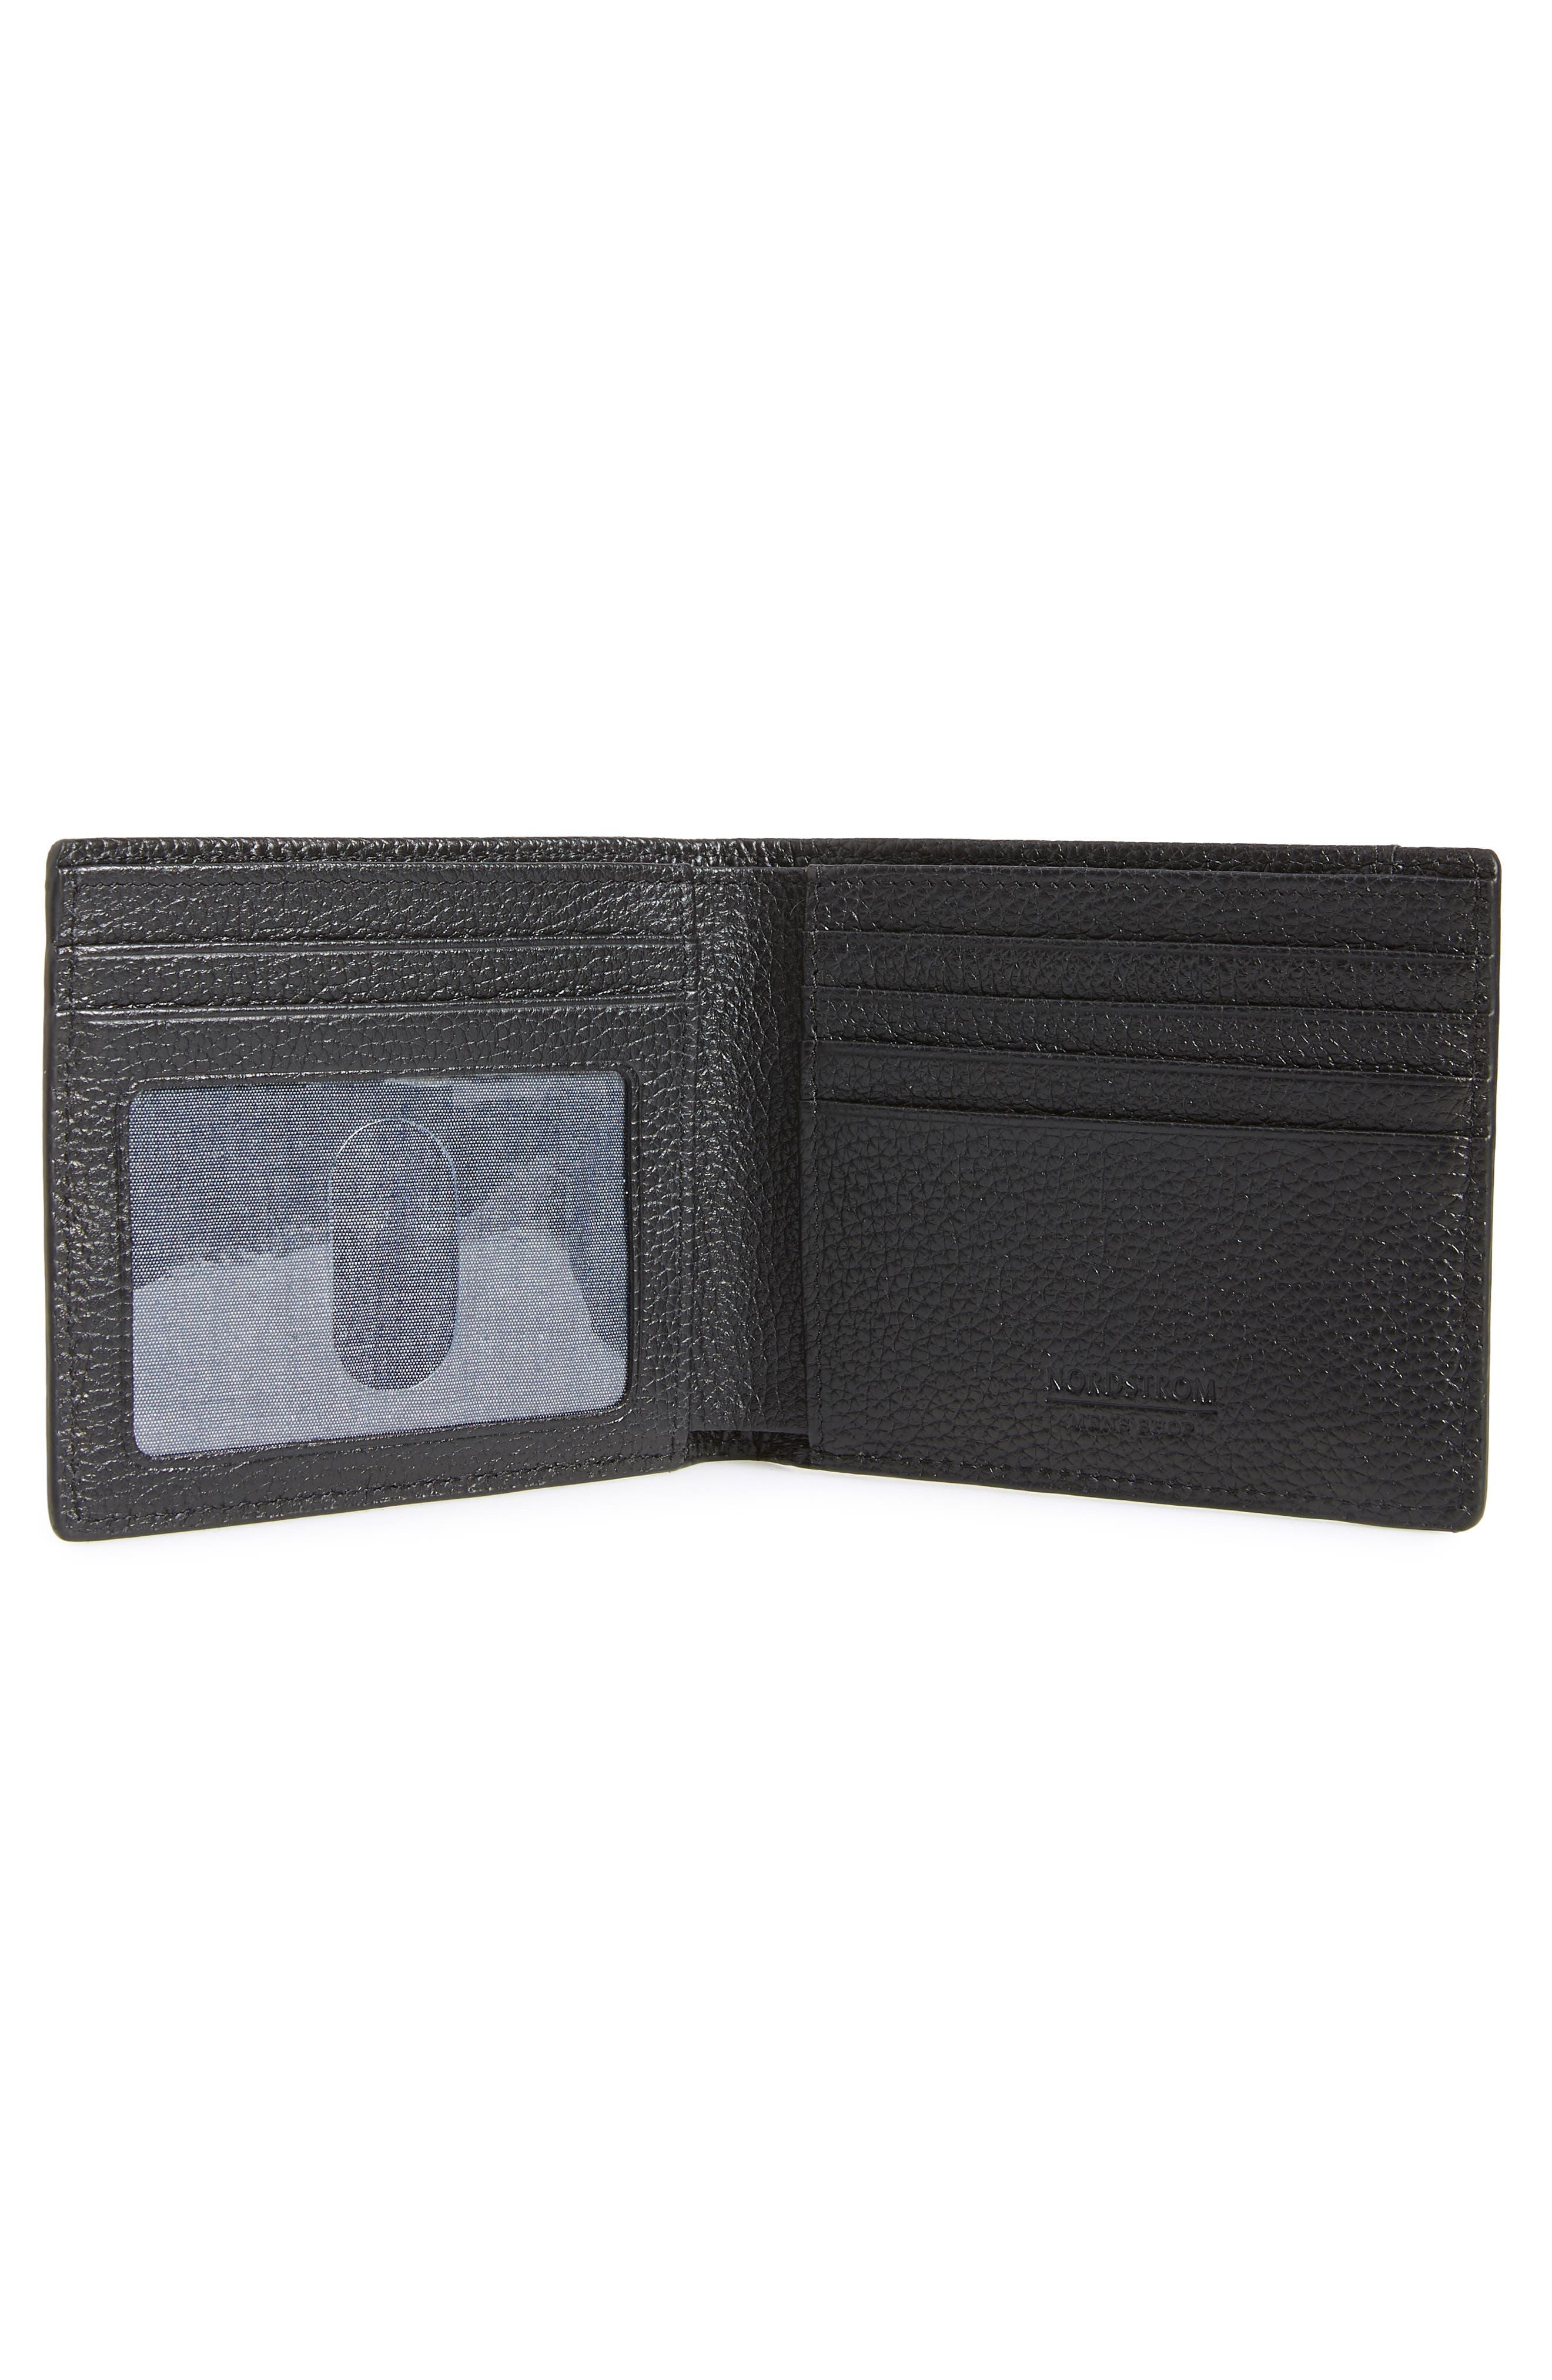 Midland RFID Leather Wallet,                             Alternate thumbnail 2, color,                             BLACK